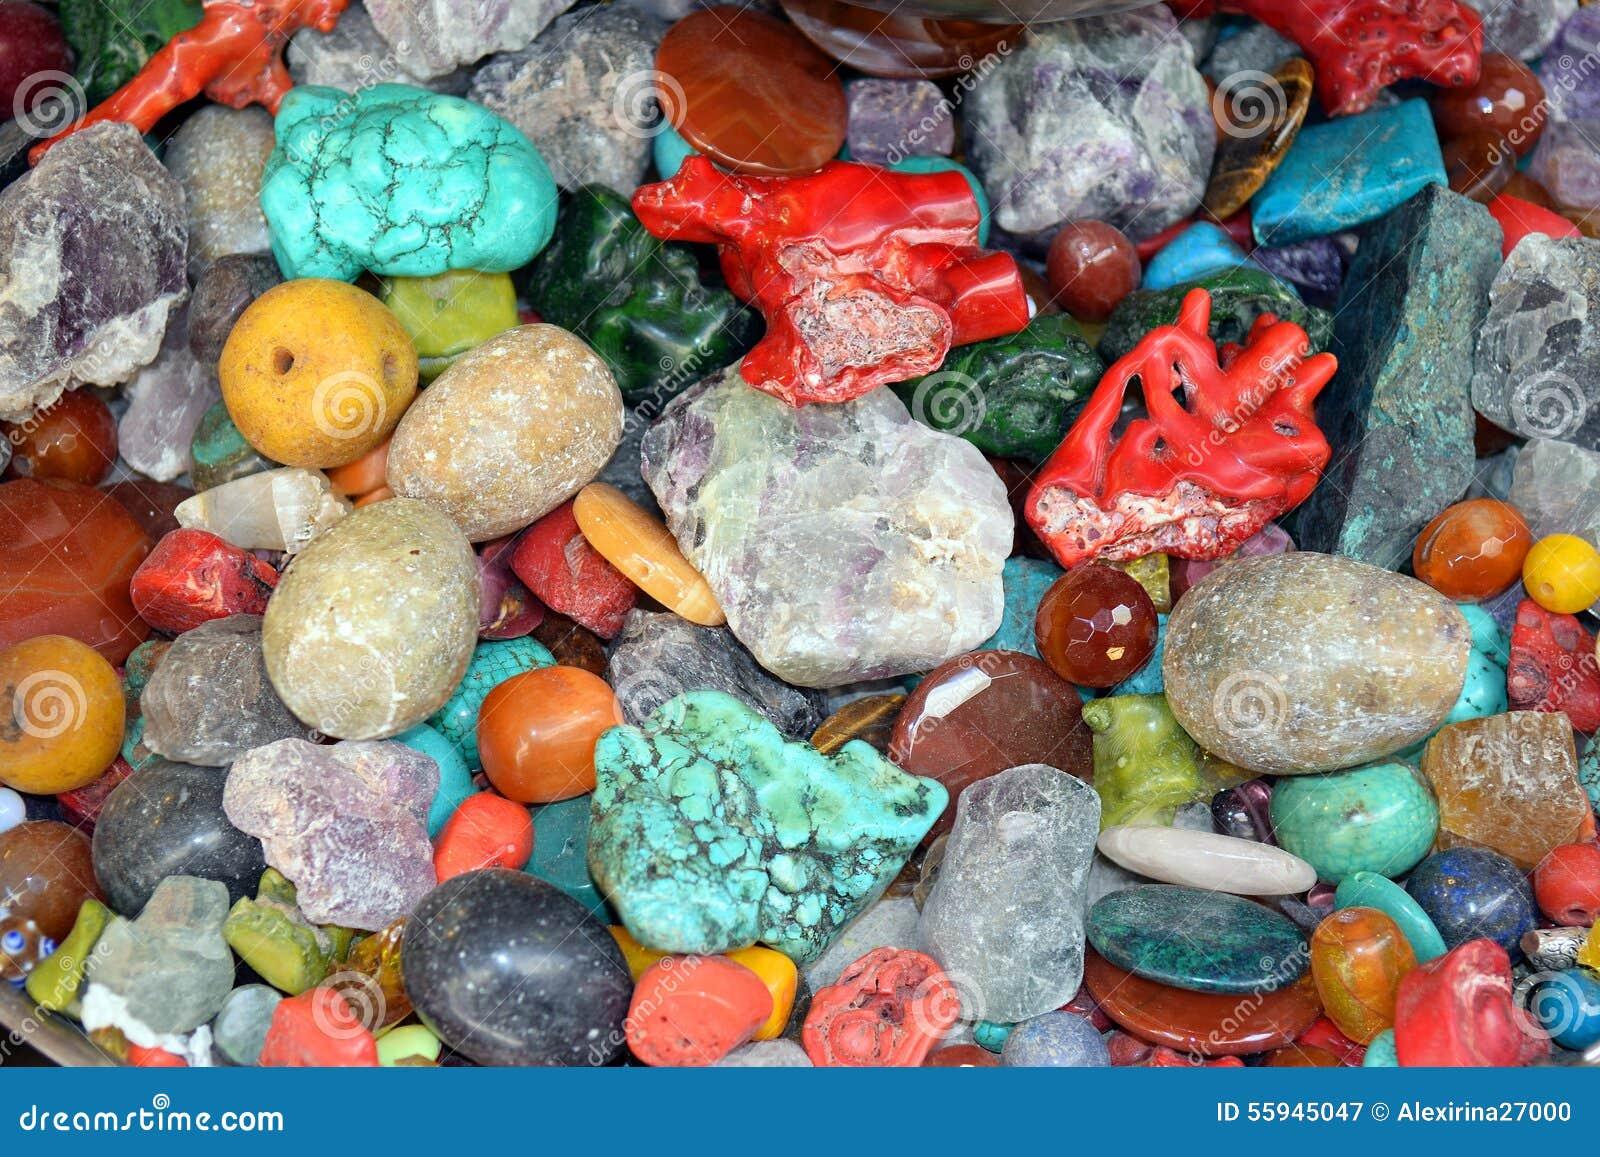 Pietre e minerali naturali colorati